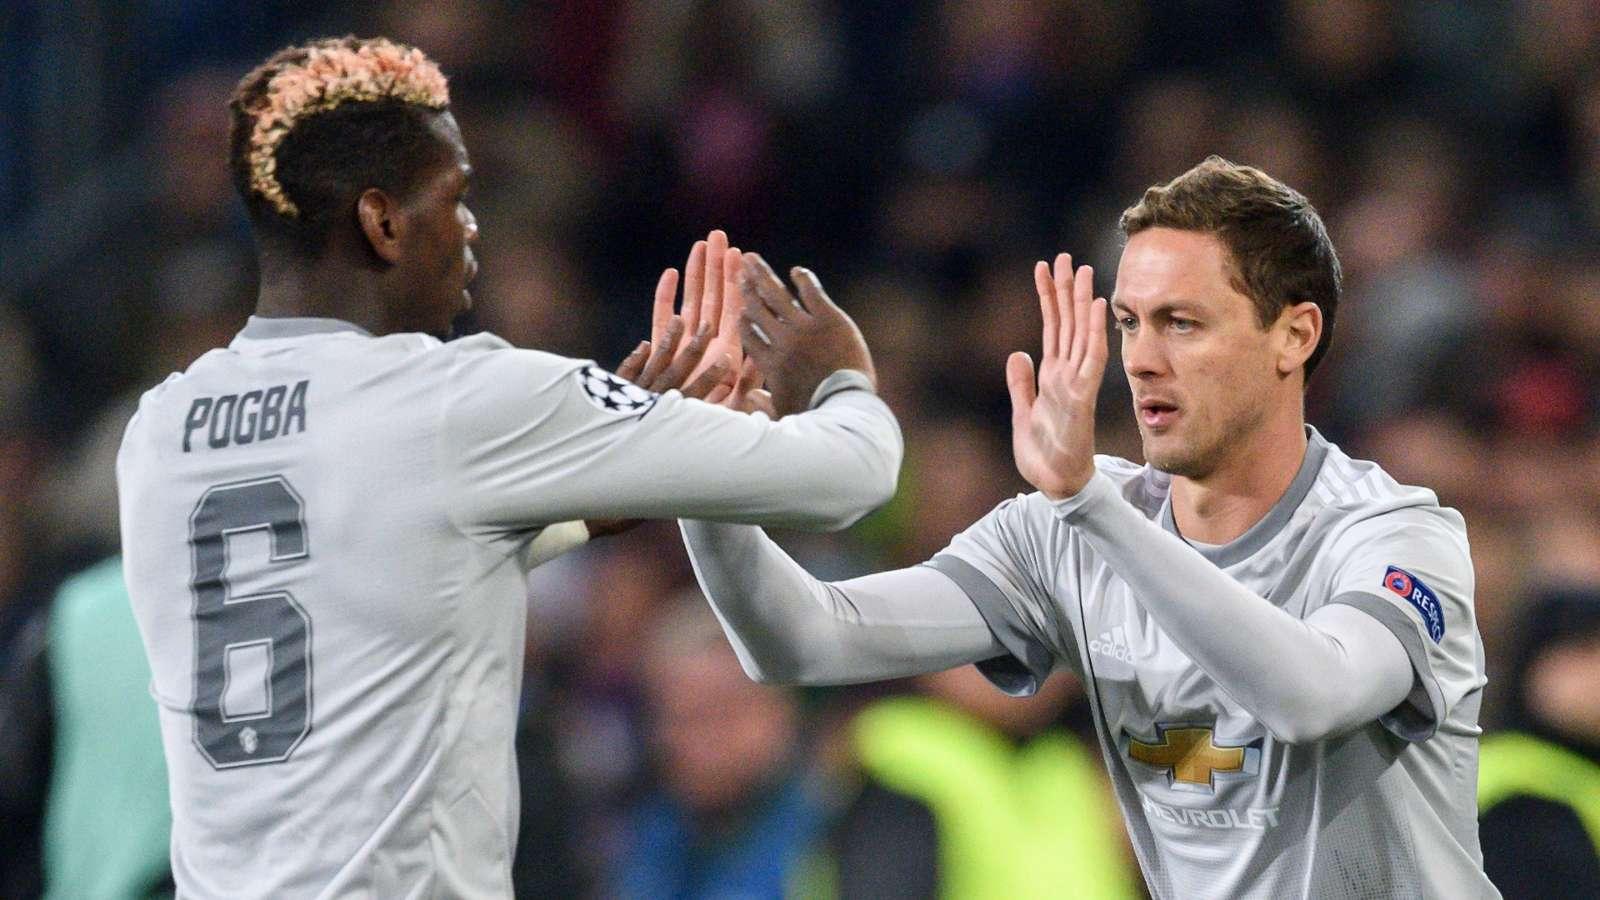 Sau Solskjær, thêm người của Man Utd xác nhận tương lai Pogba - Bóng Đá